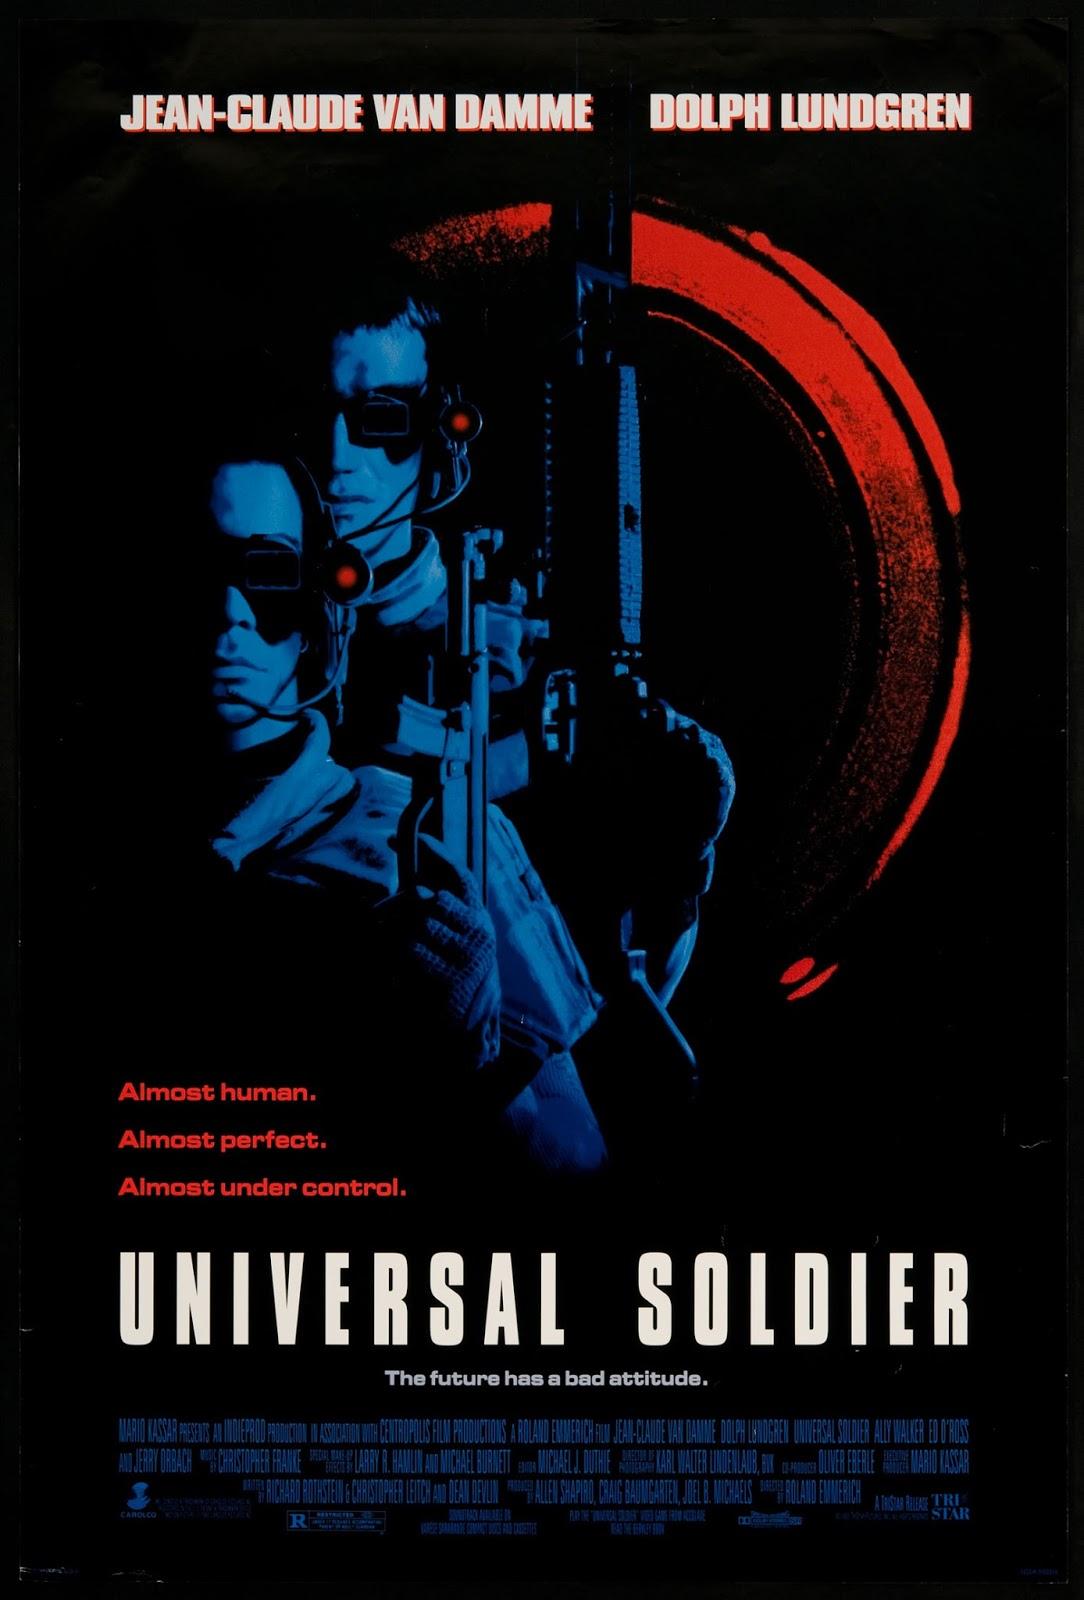 Universal Soldier 1992